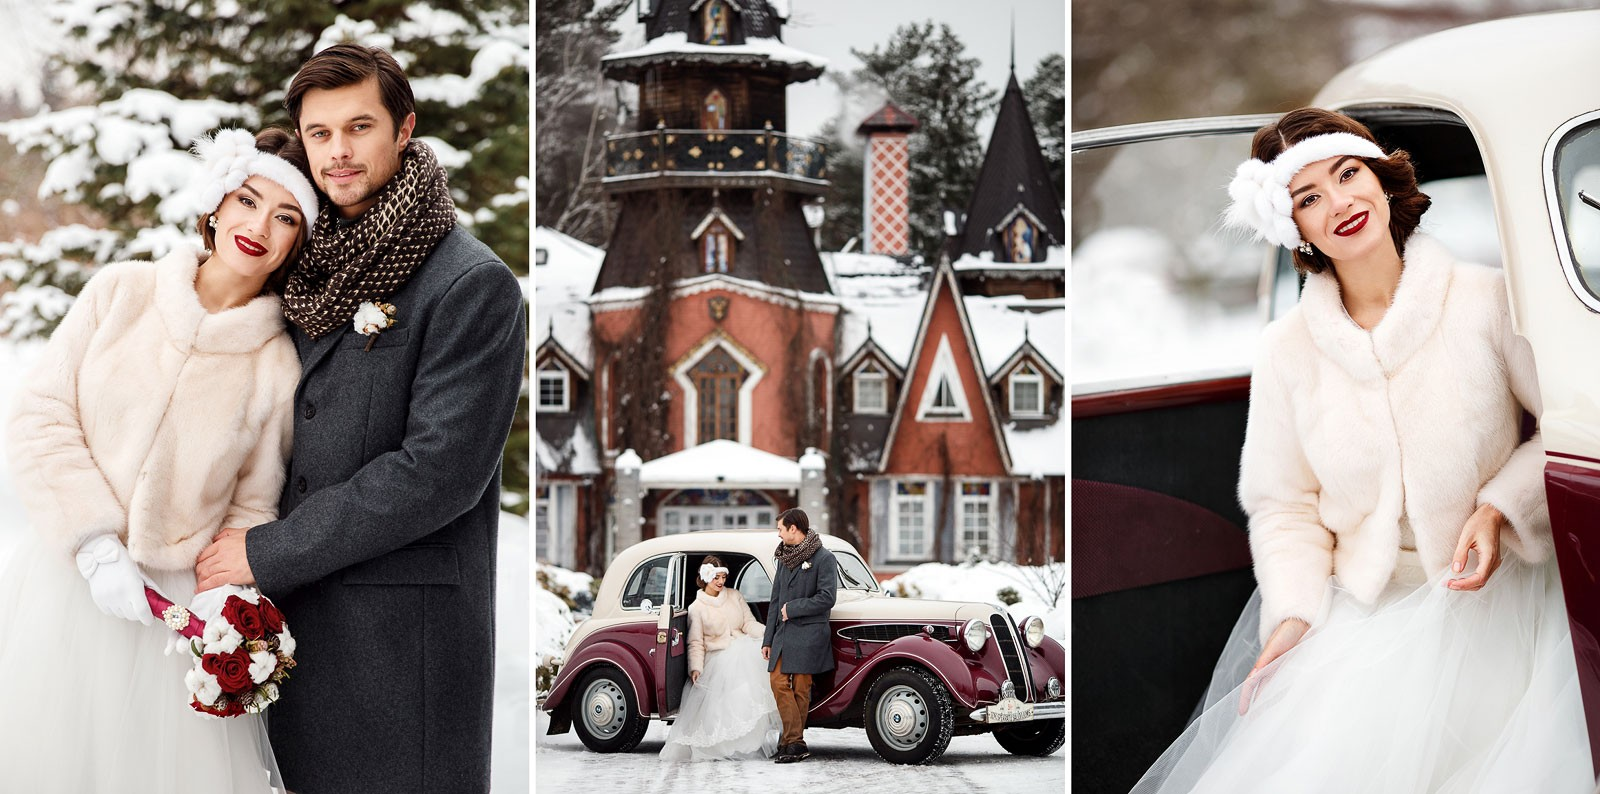 Зимний образ невесты. Как правильно выбрать цветы и аксессуары?